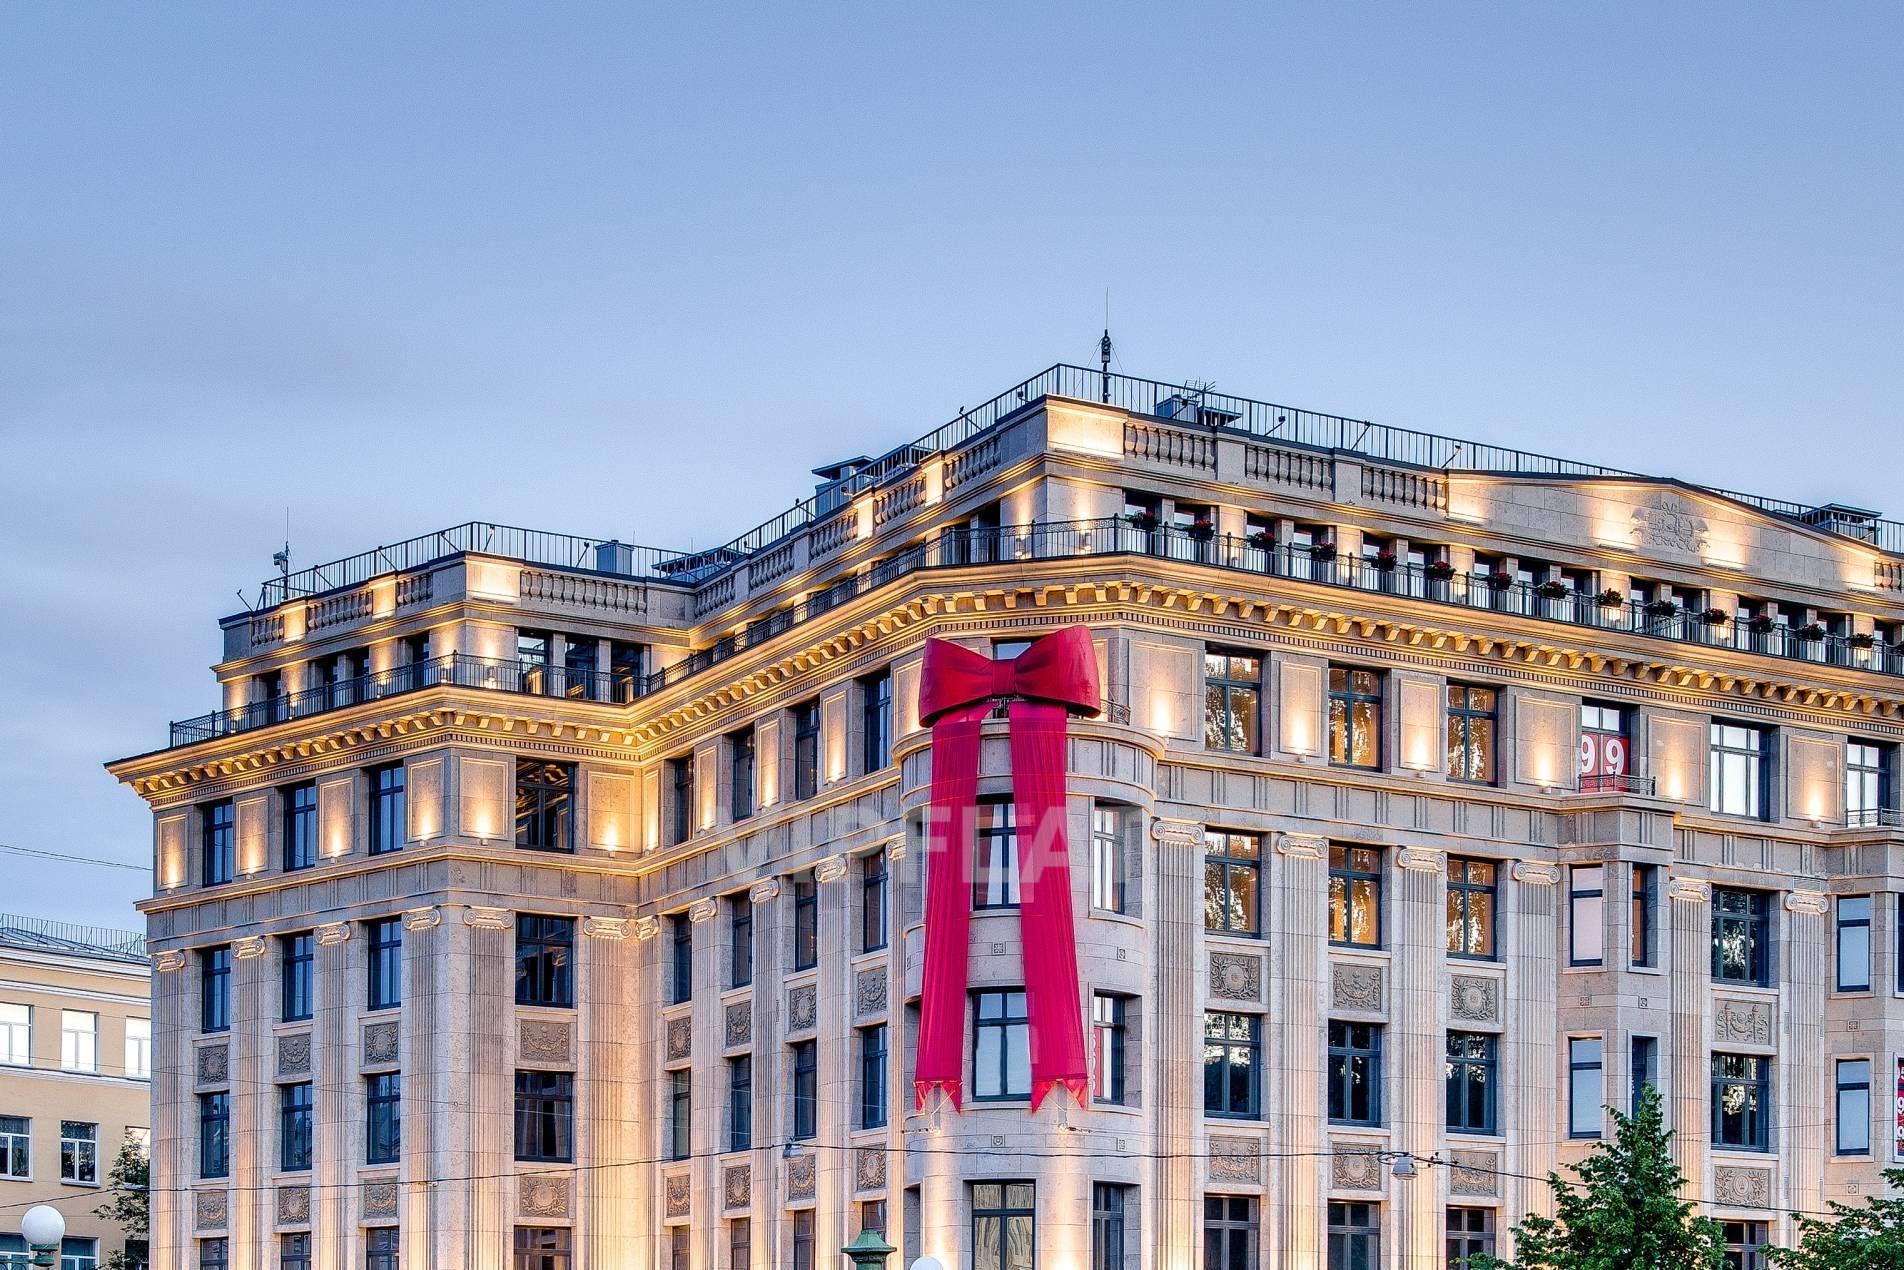 Продажа элитных квартир Санкт-Петербурга. Мойки реки наб., 102 Вечерняя подсветка фасада